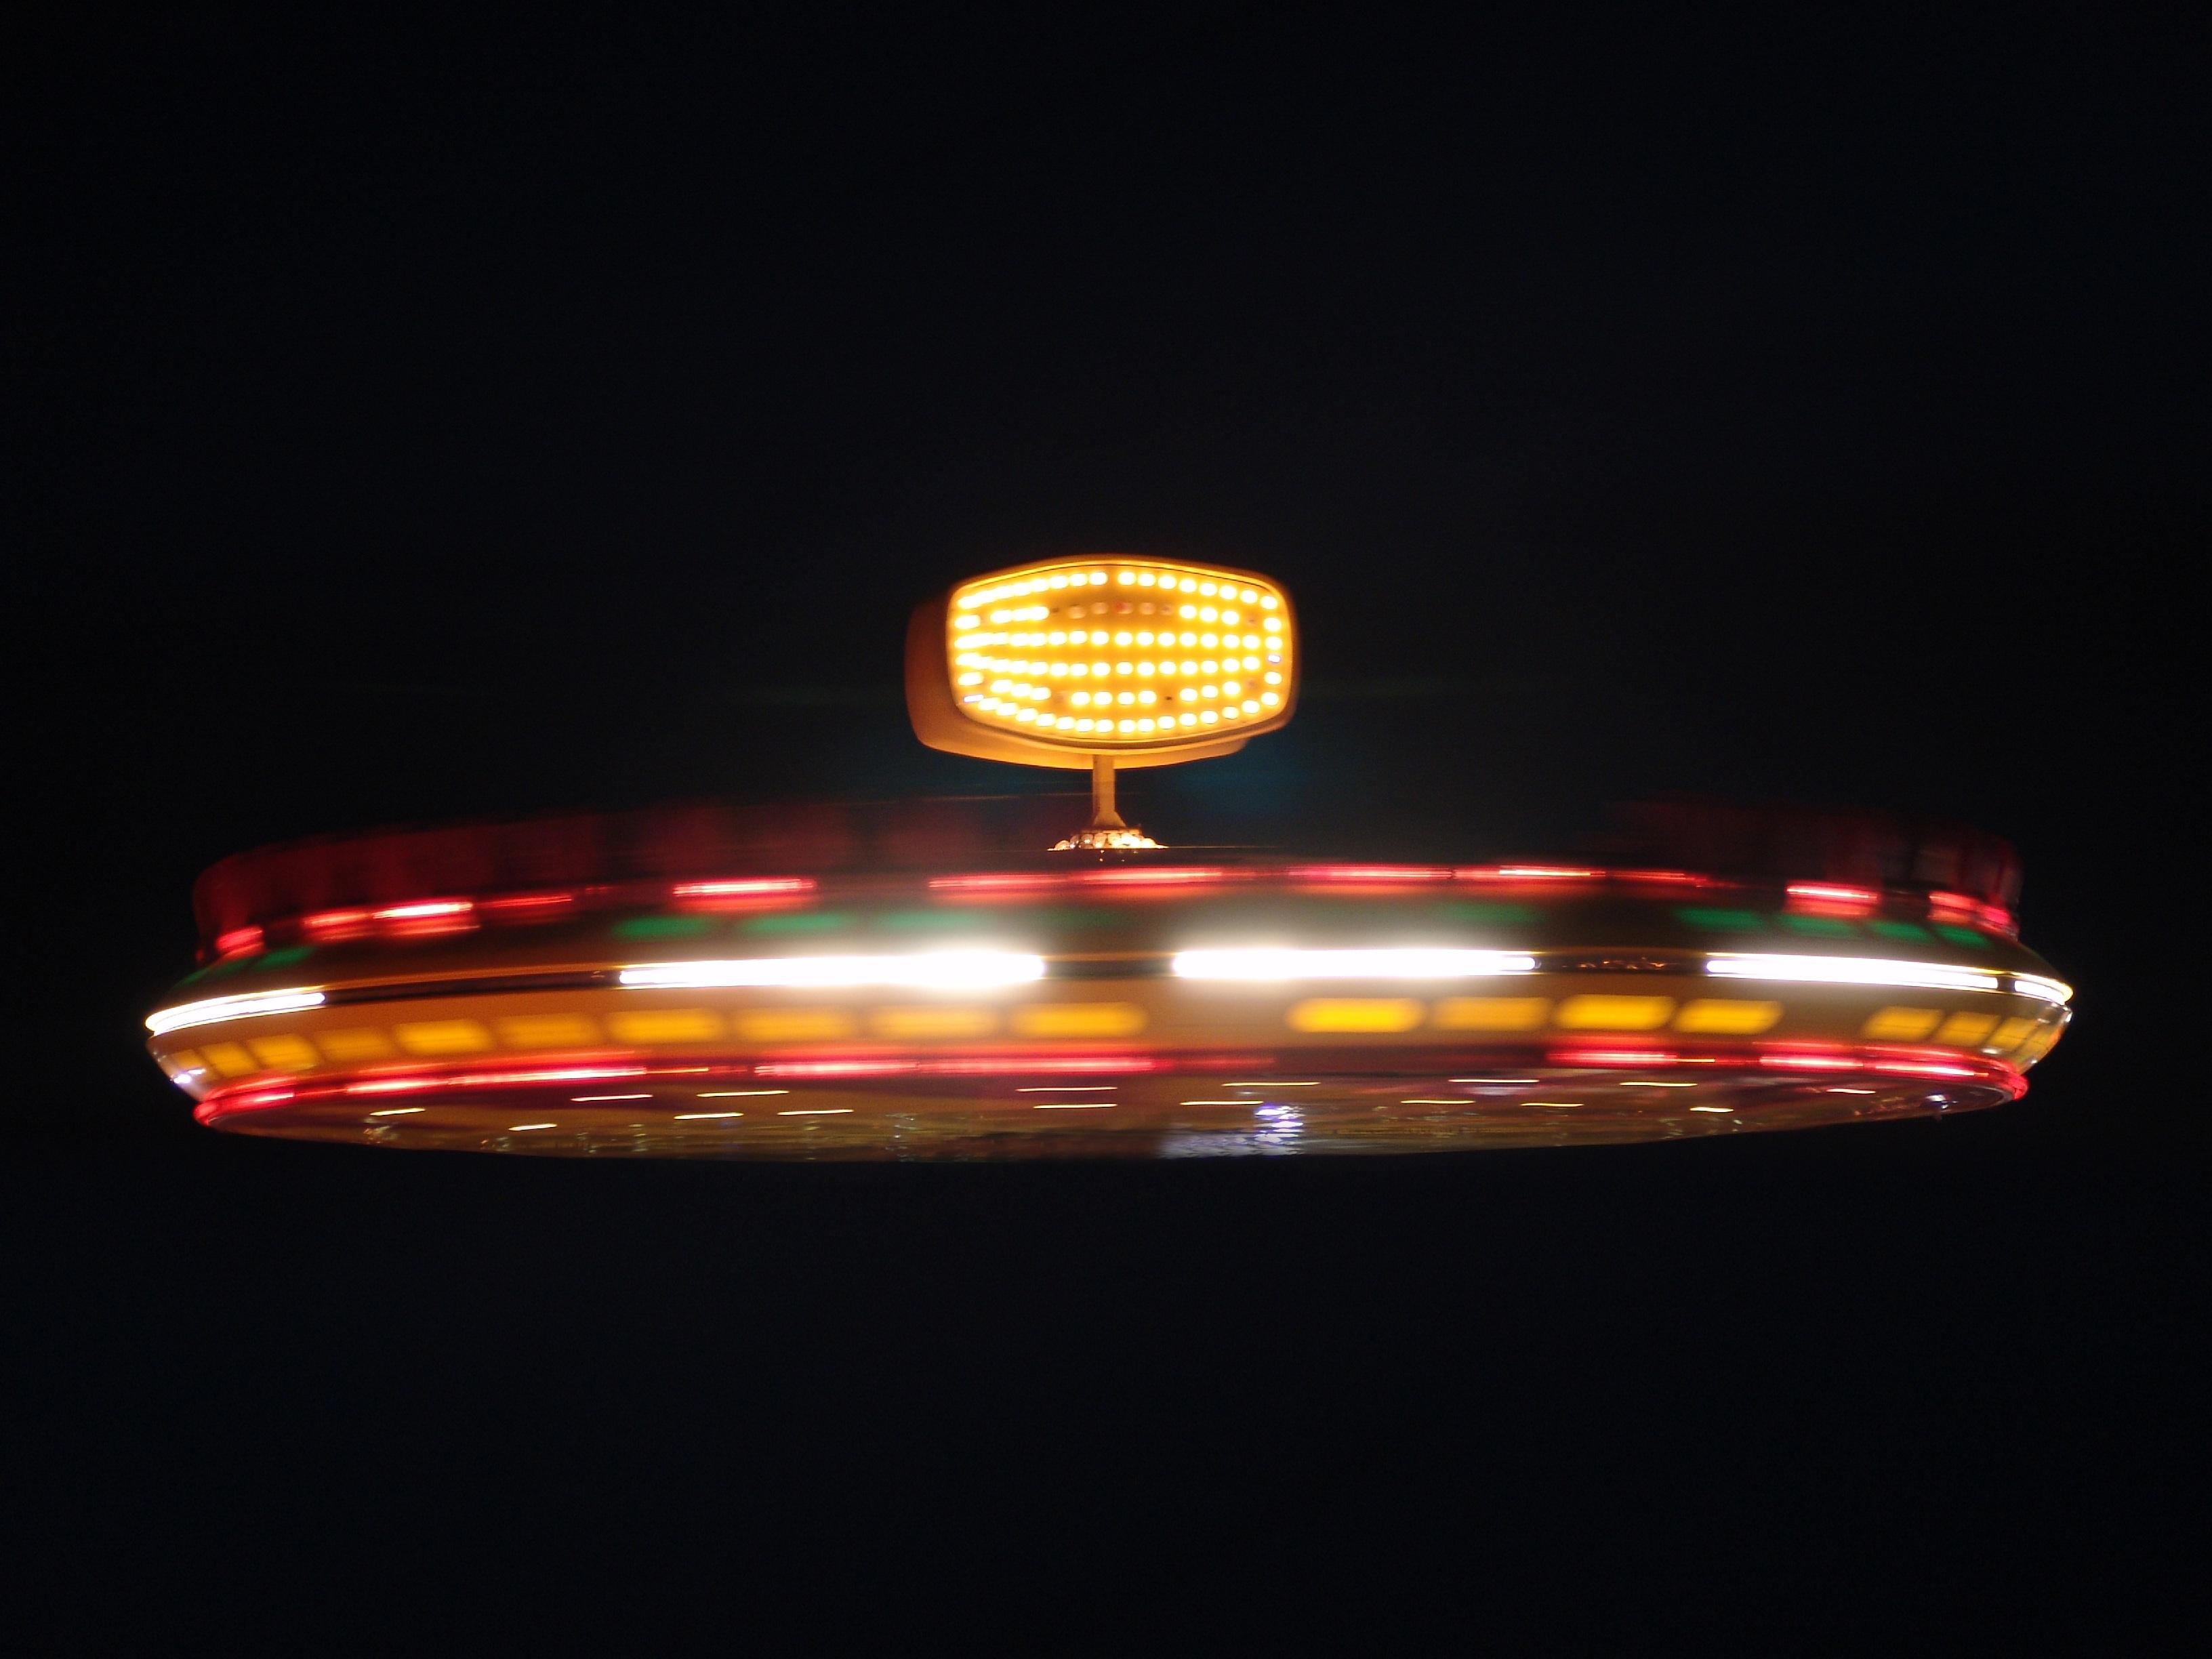 Images Gratuites : lumière, nuit, mouche, foncé, carrousel ...